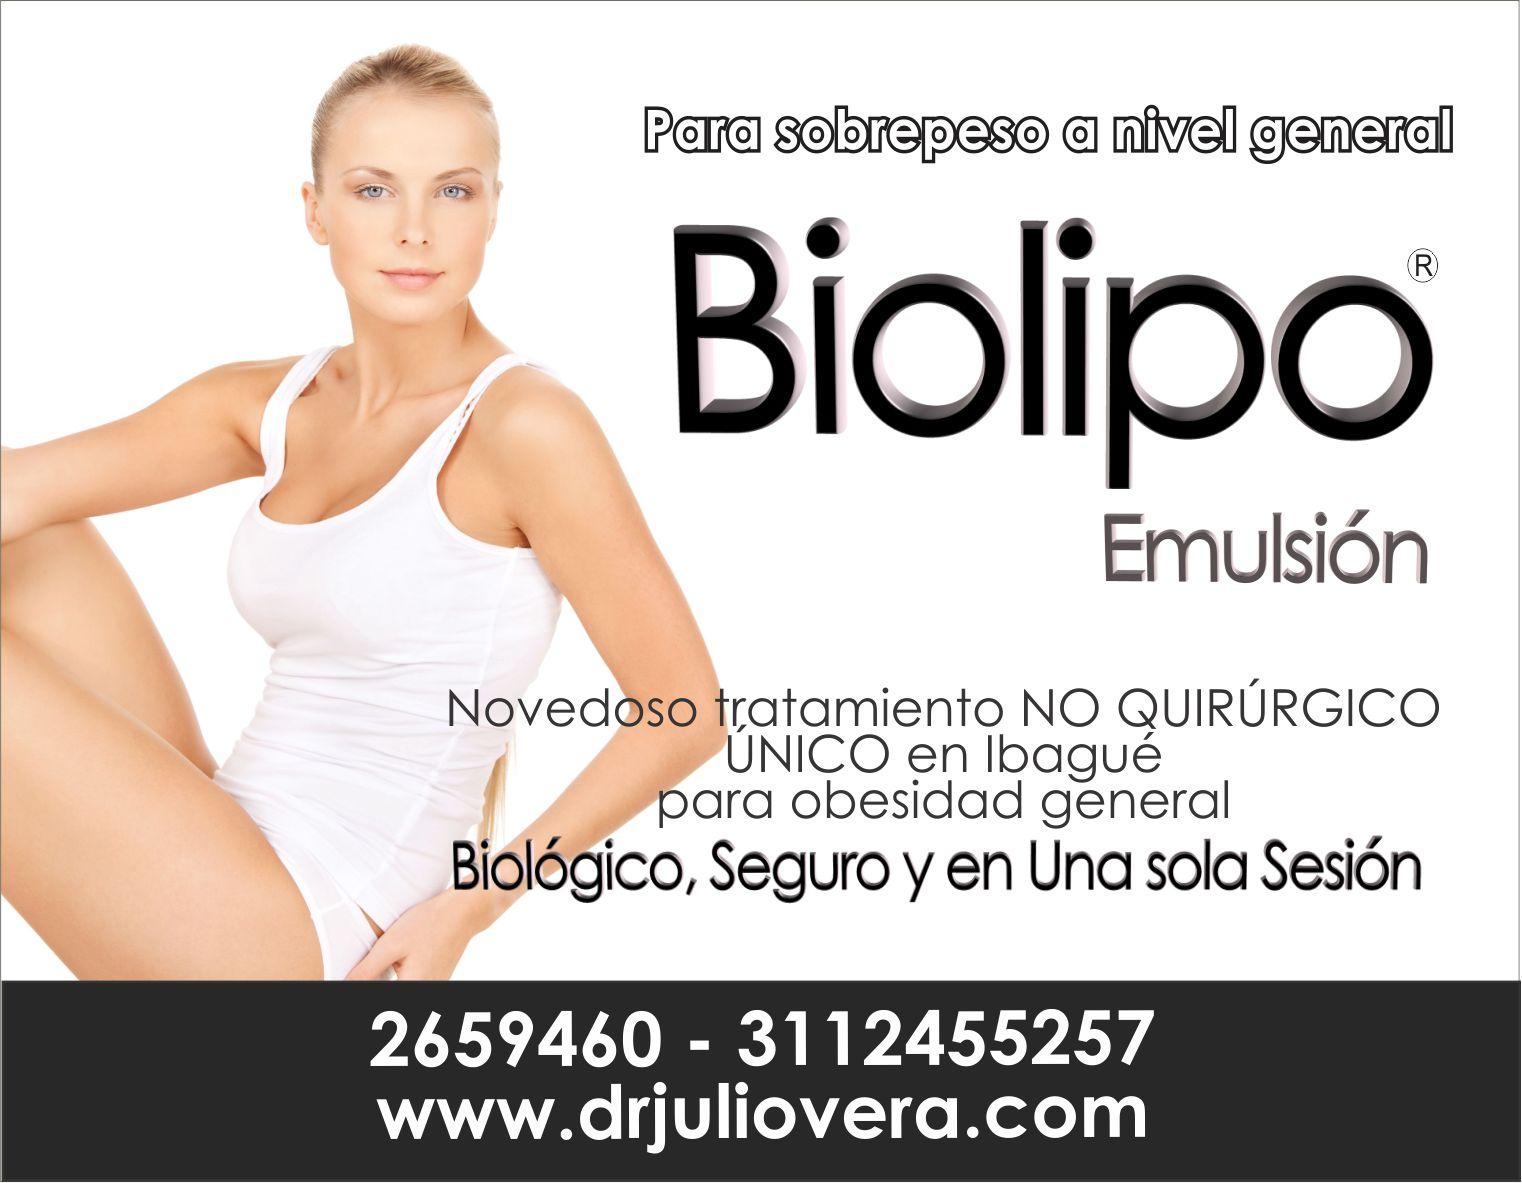 Foto de Dr. Julio Vera - Medicina Estética & Láser